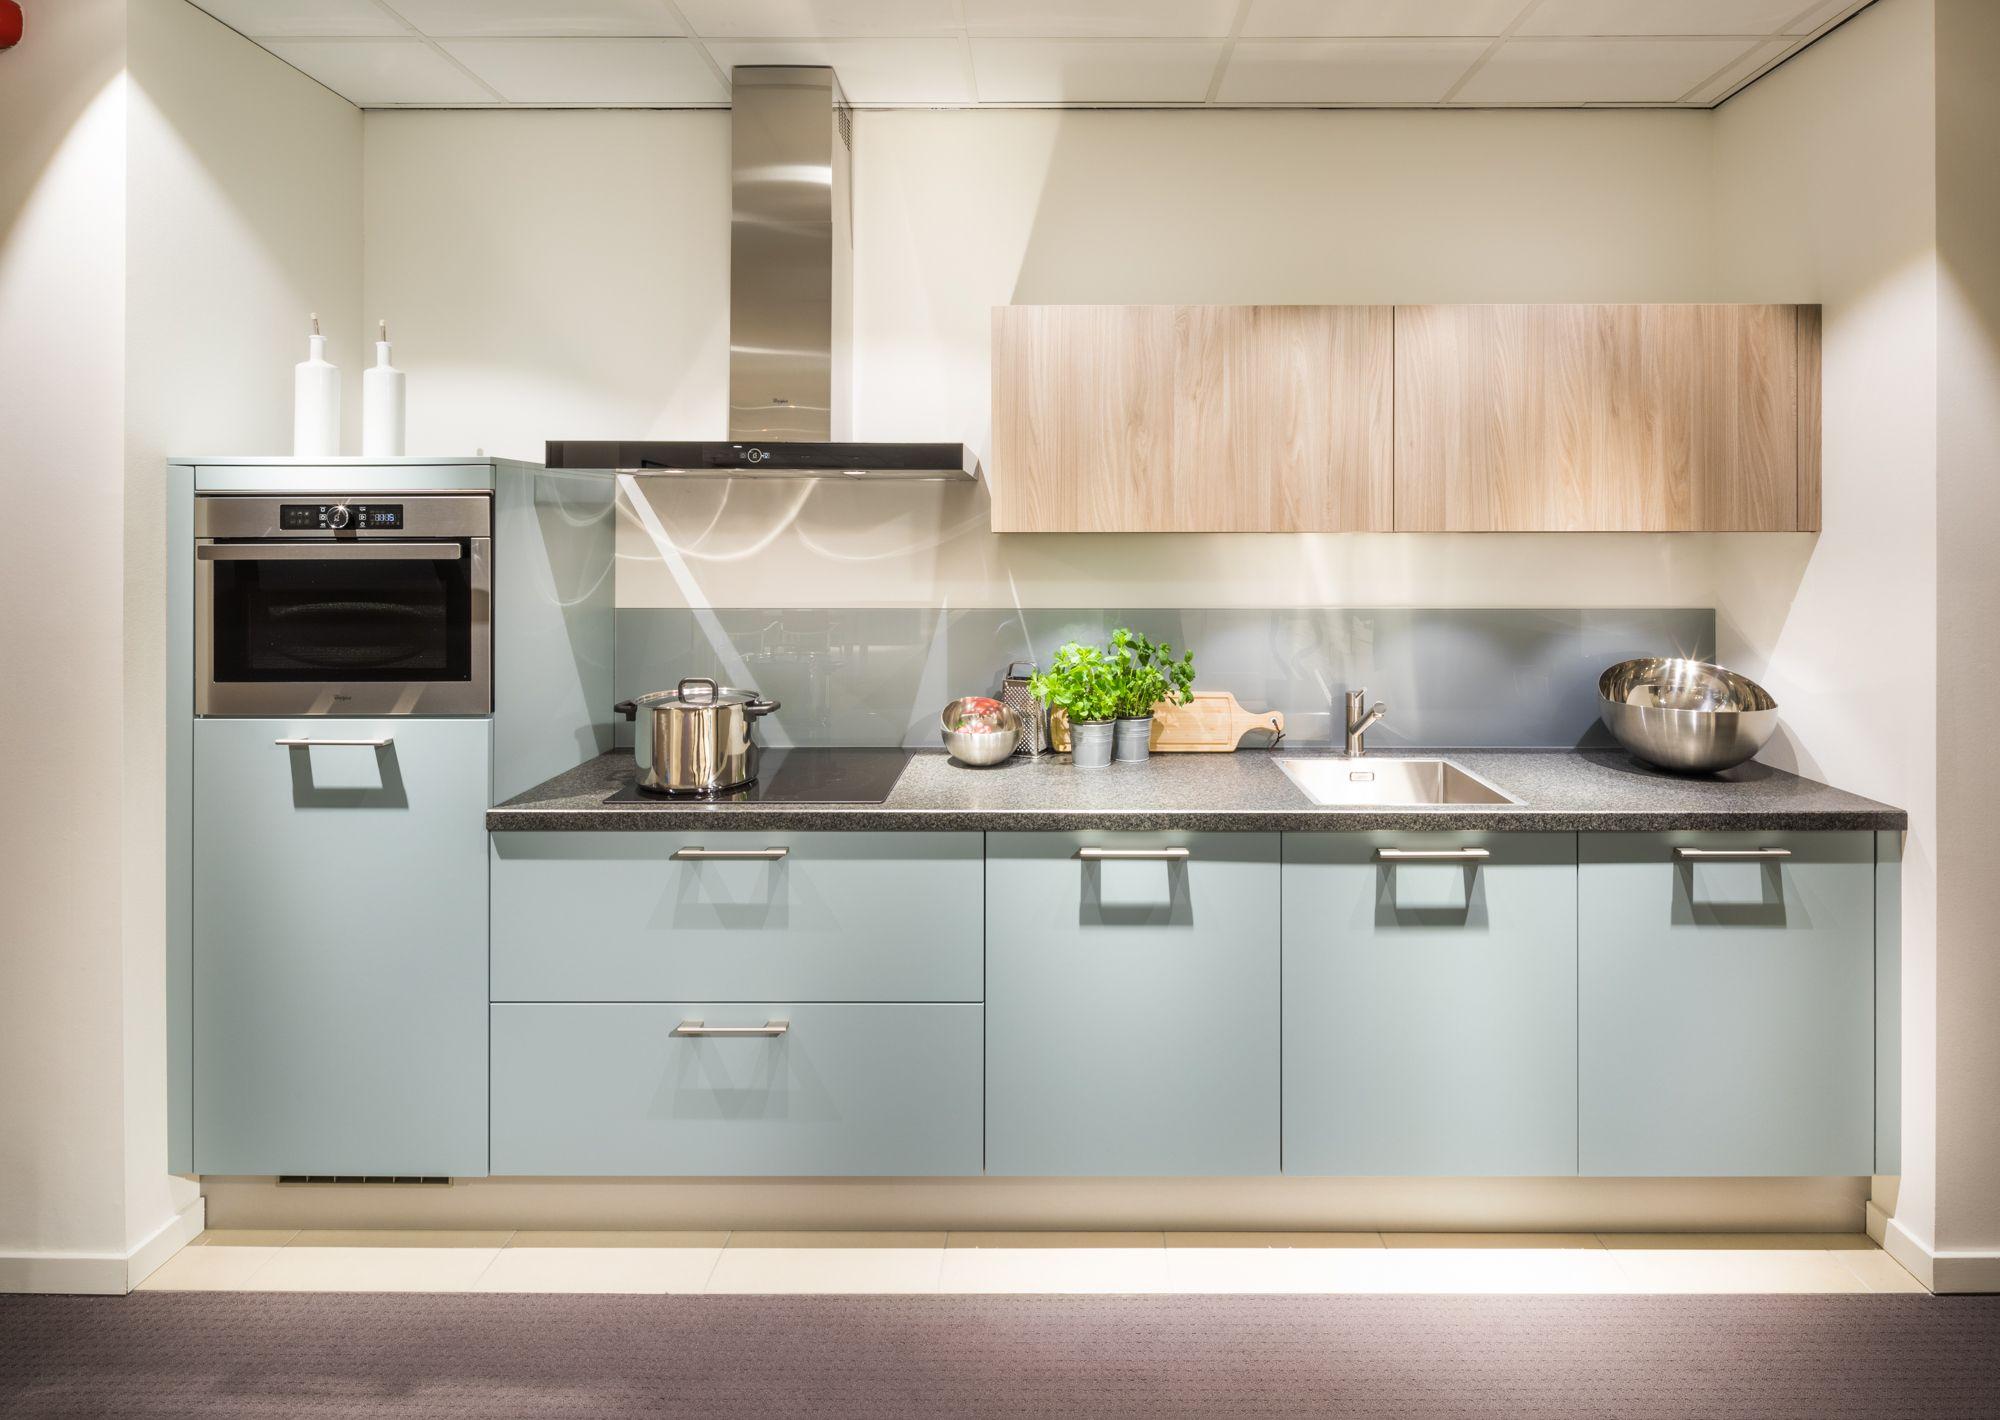 Keukens Utrecht Woonboulevard : Kijkje in de keuken woonboulevard heerlen keukens: de ziel van